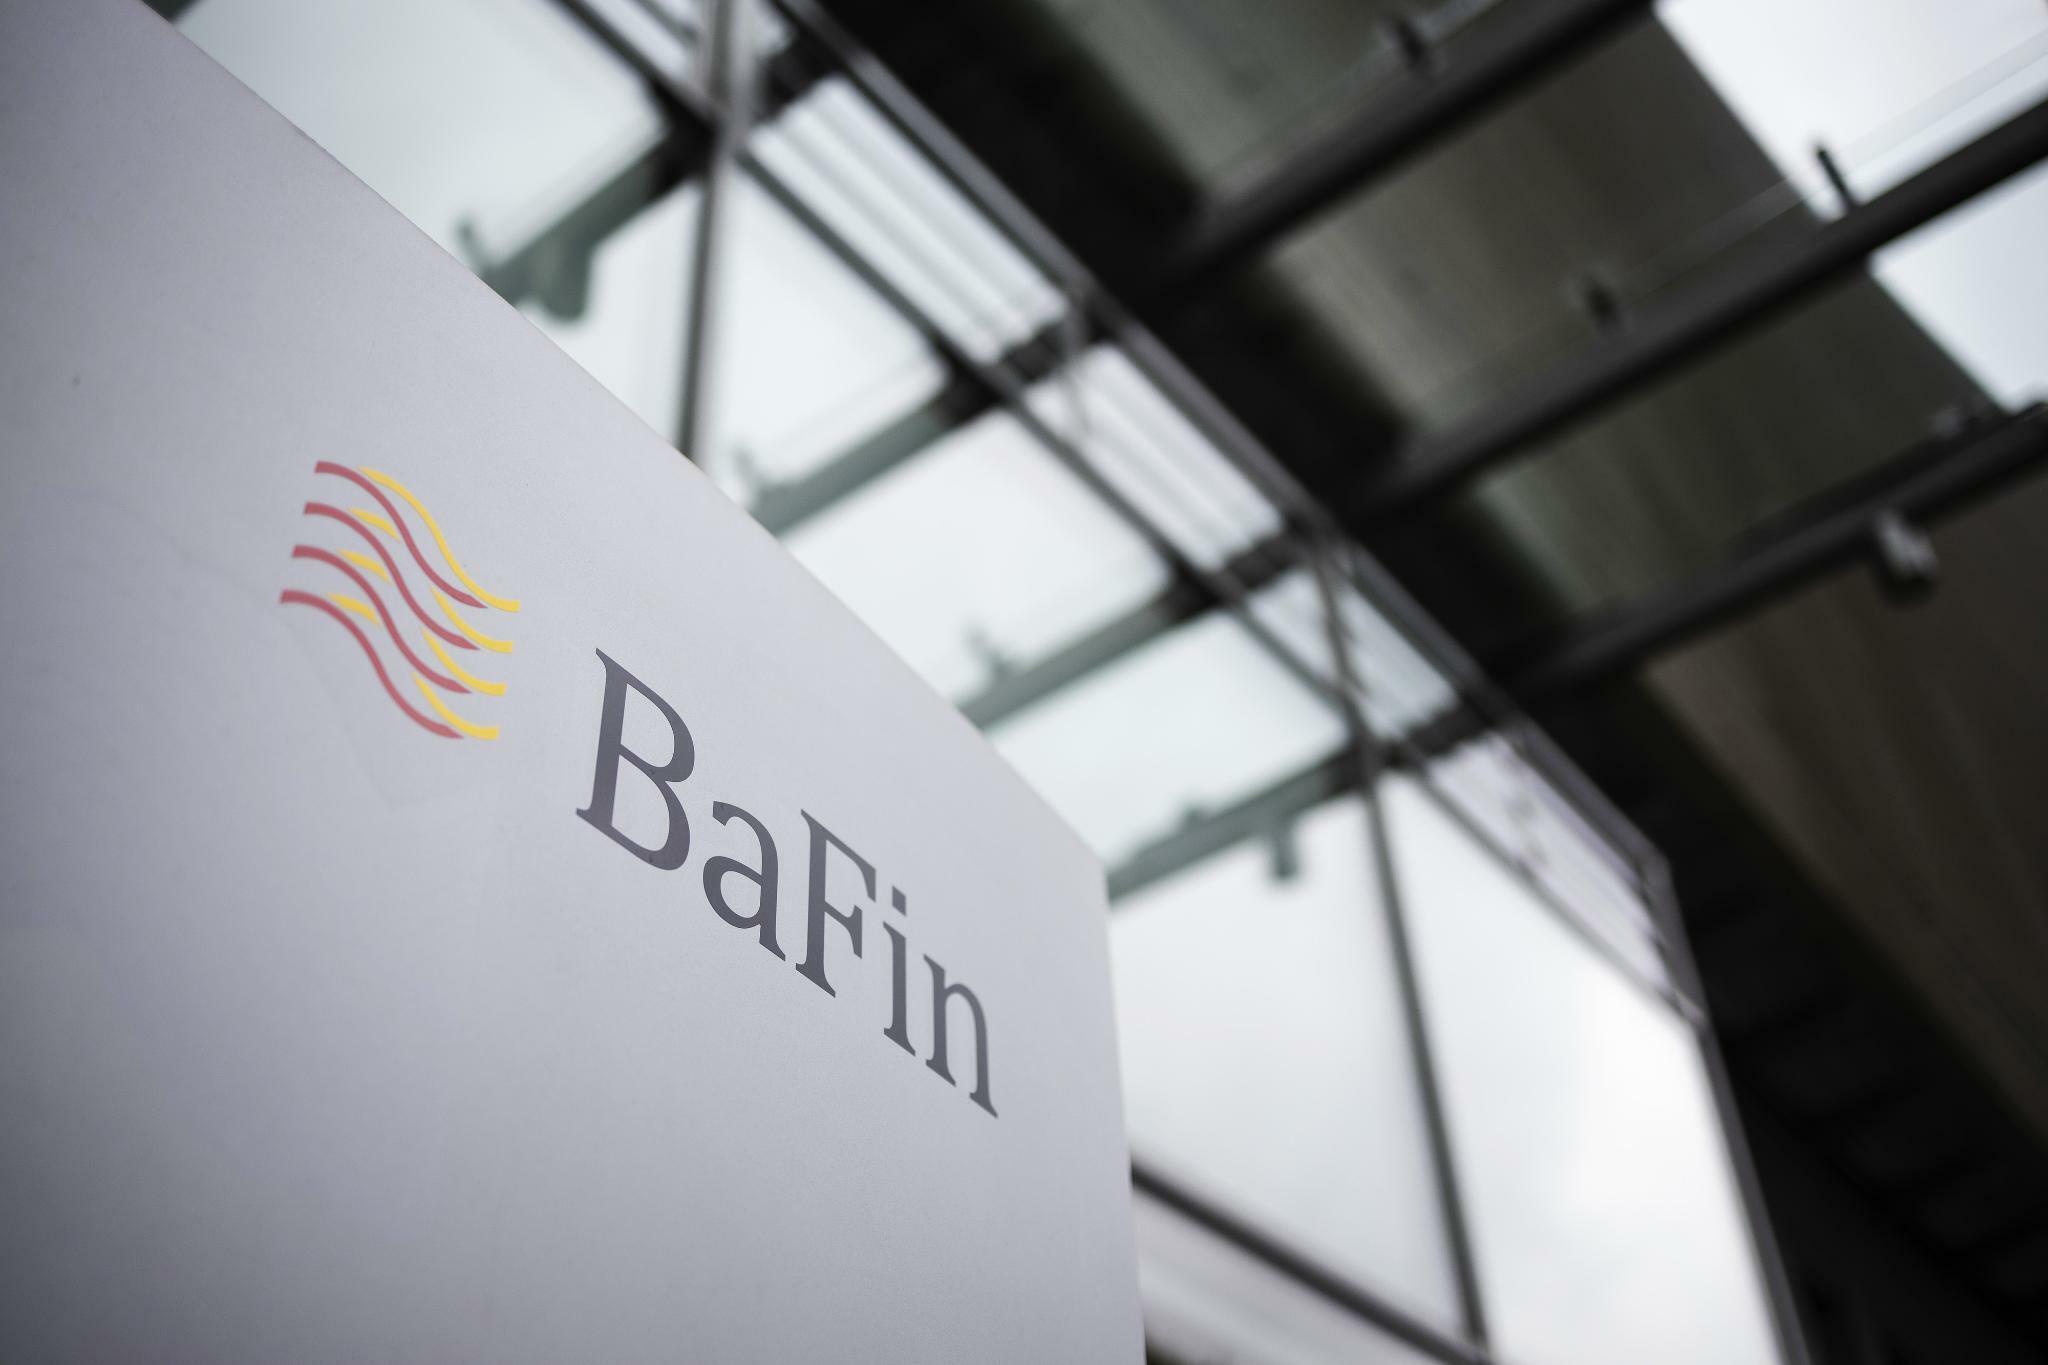 Finanzaufsicht: Bafin weitet Kampf gegen Geldwäsche aus